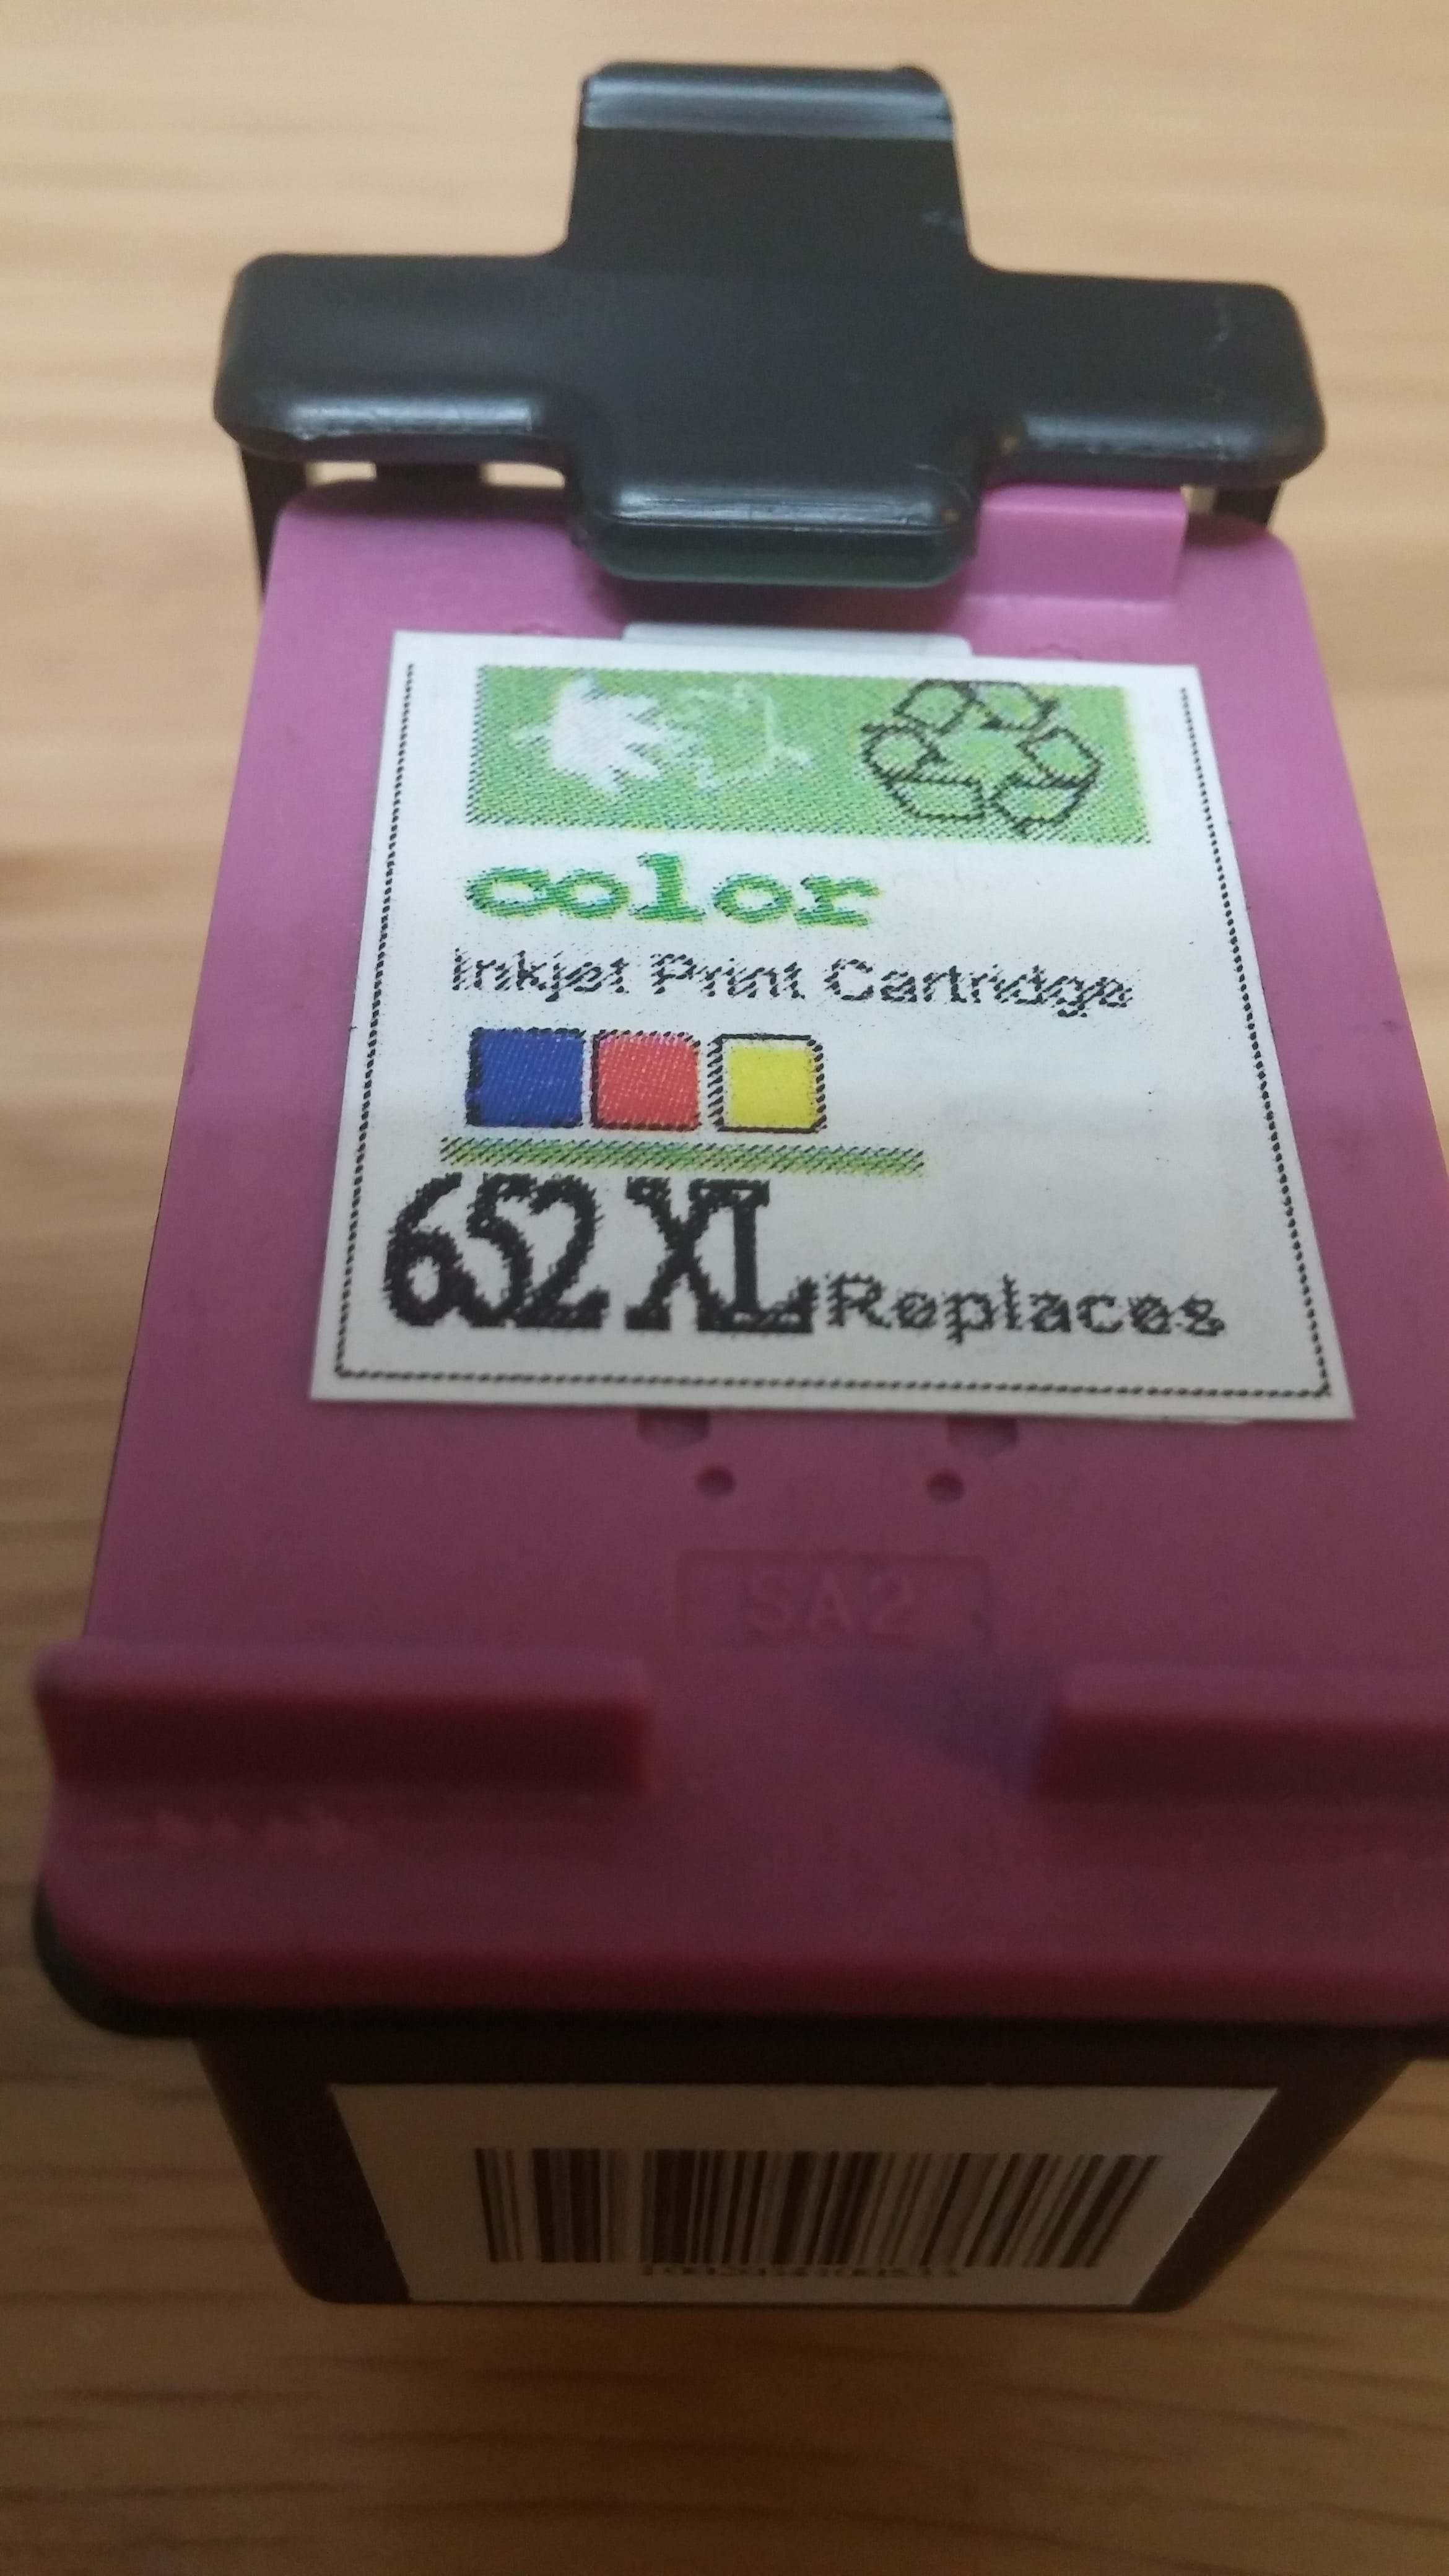 רק החוצה ראש דיו צבעוני תואם 652 XL כמות כפולה HP Deskjet ink advantage EB-23